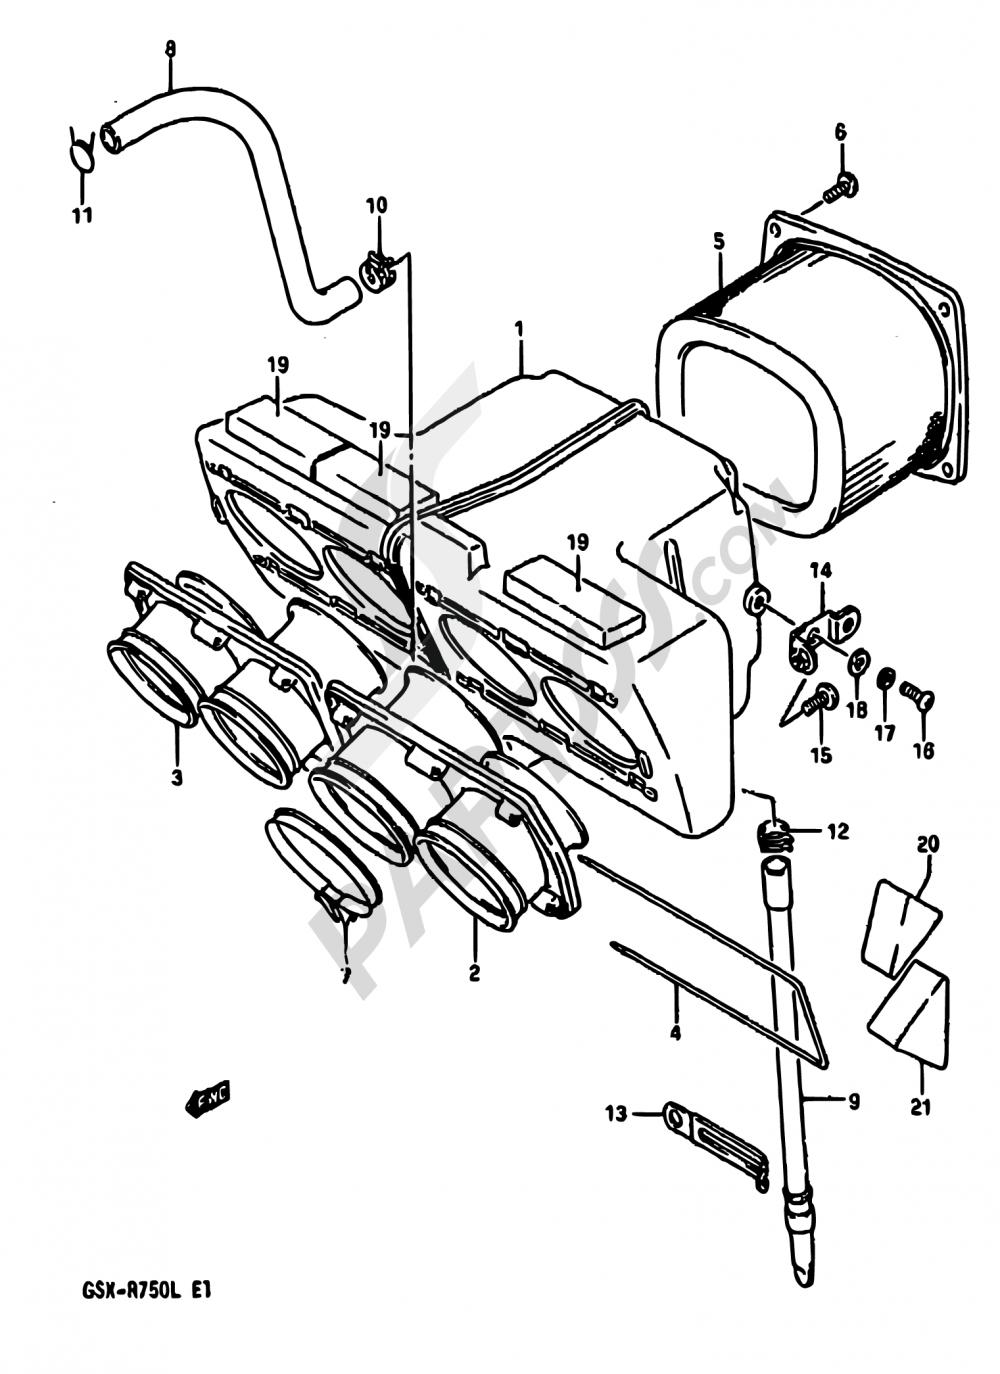 14 - AIR CLEANER (MODEL J/K) Suzuki GSX-R750 1988